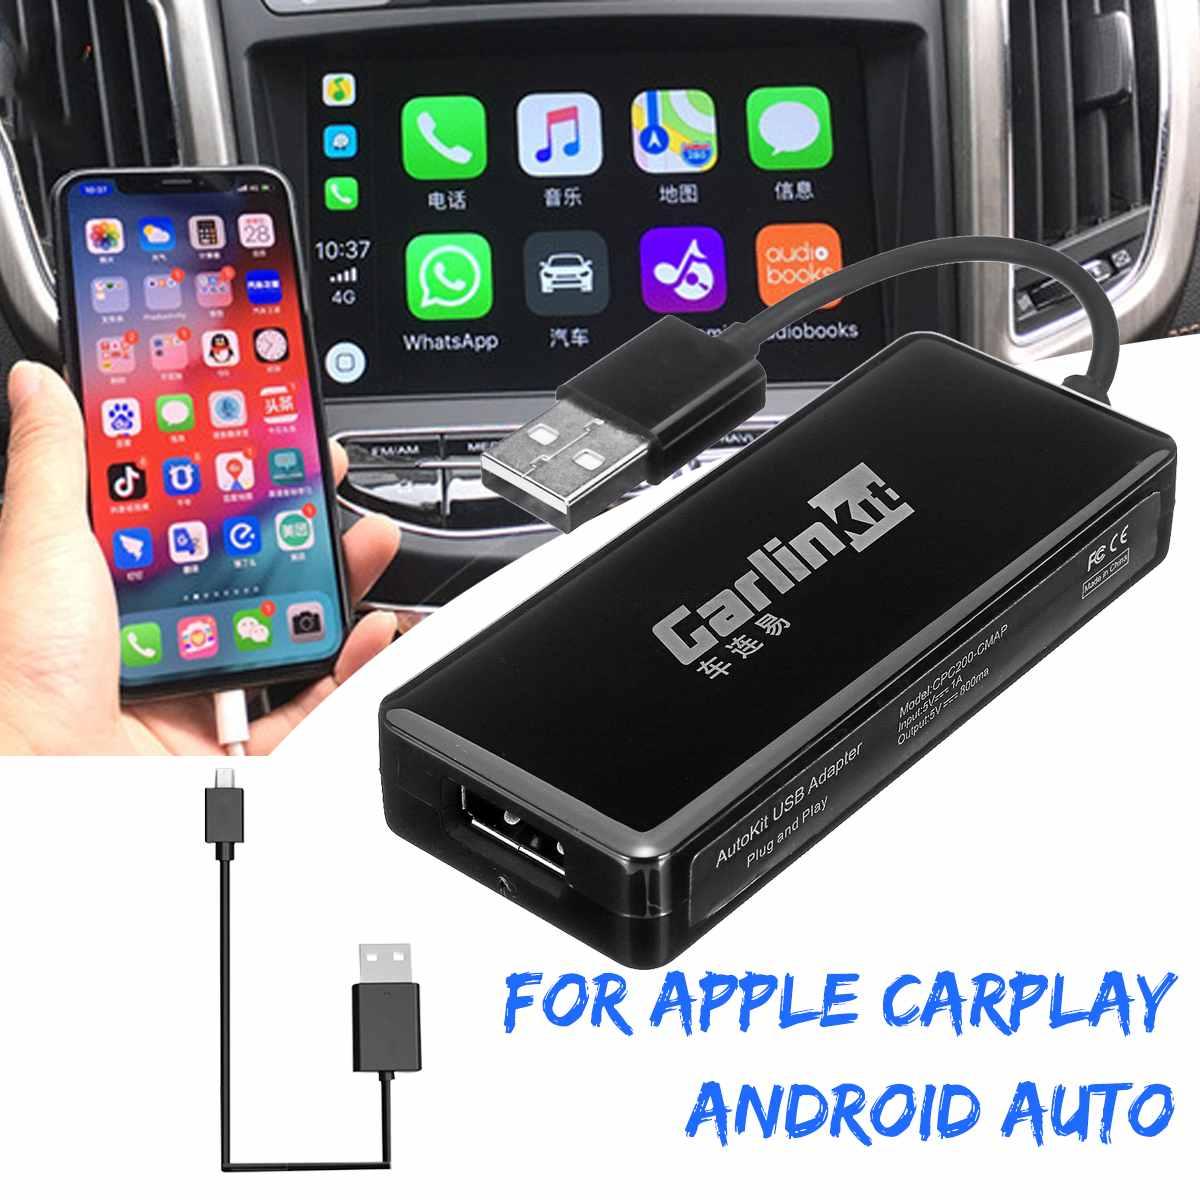 Carlinkit voiture lien Dongle lien Dongle universel Auto lien Dongle Navigation lecteur Mini USB Dongle pour Apple pour Android CarPlay